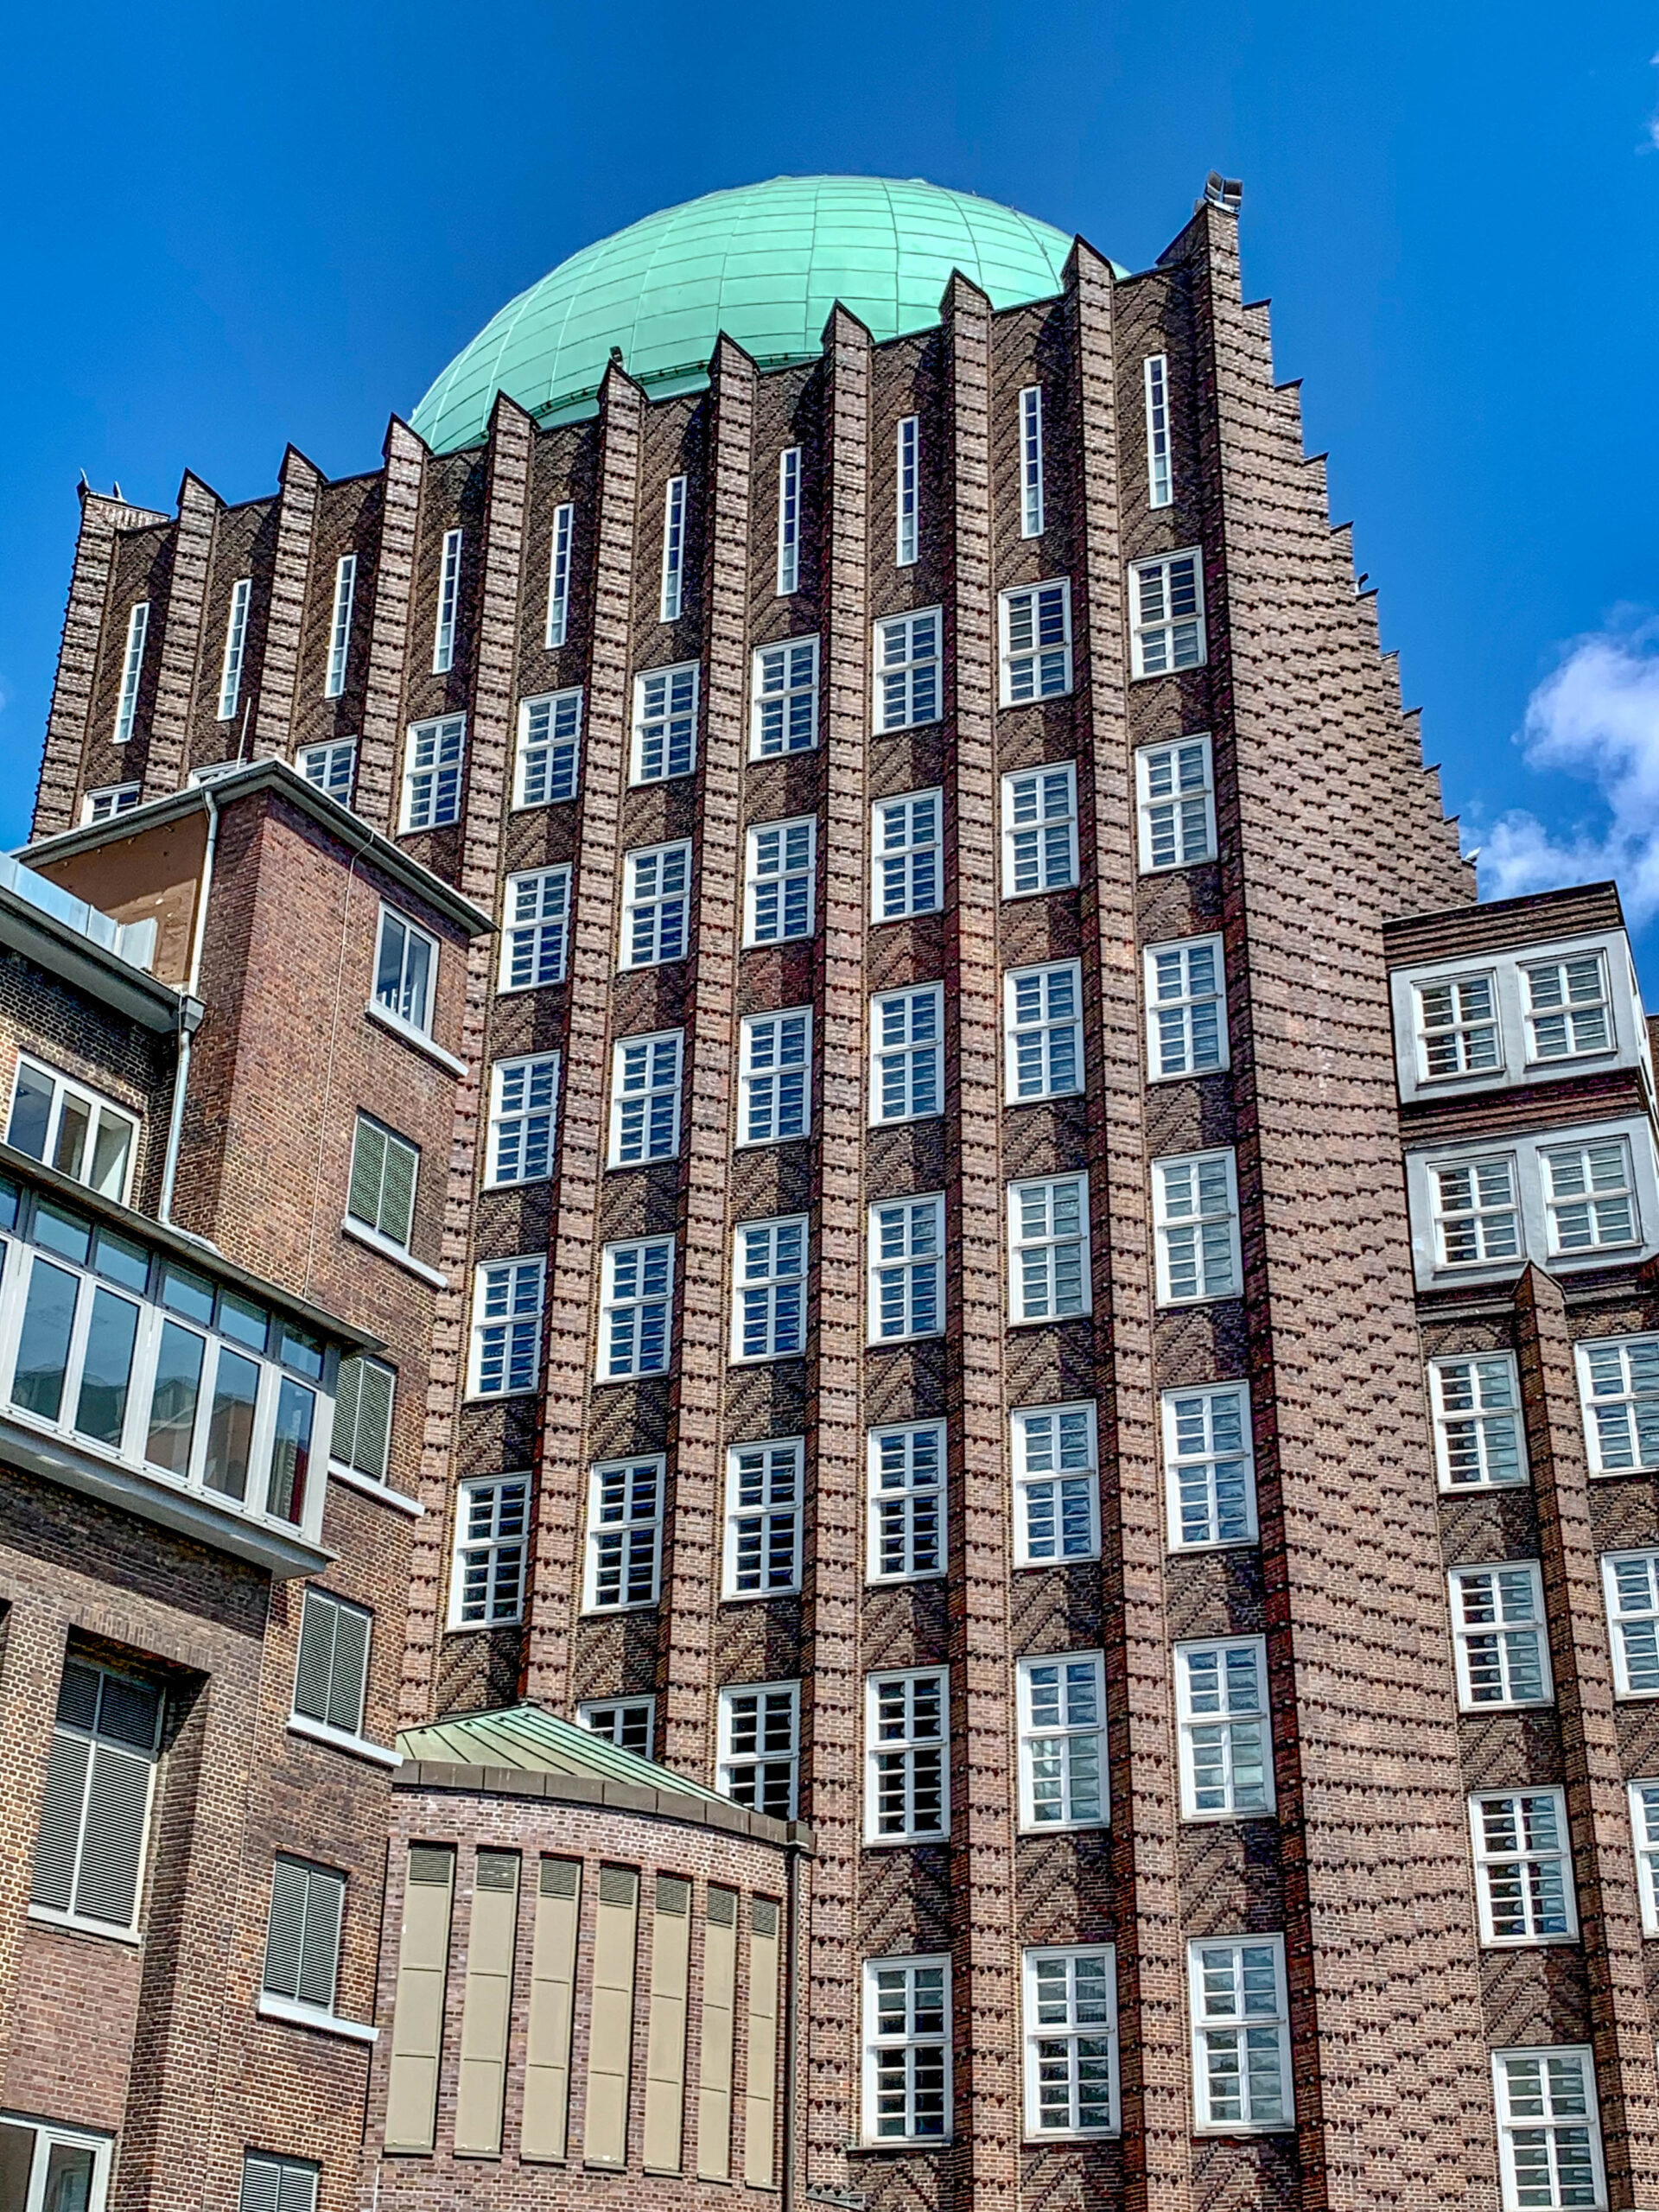 Anzeiger-Hochhaus, 1927-1928. Architect: Fritz Höger